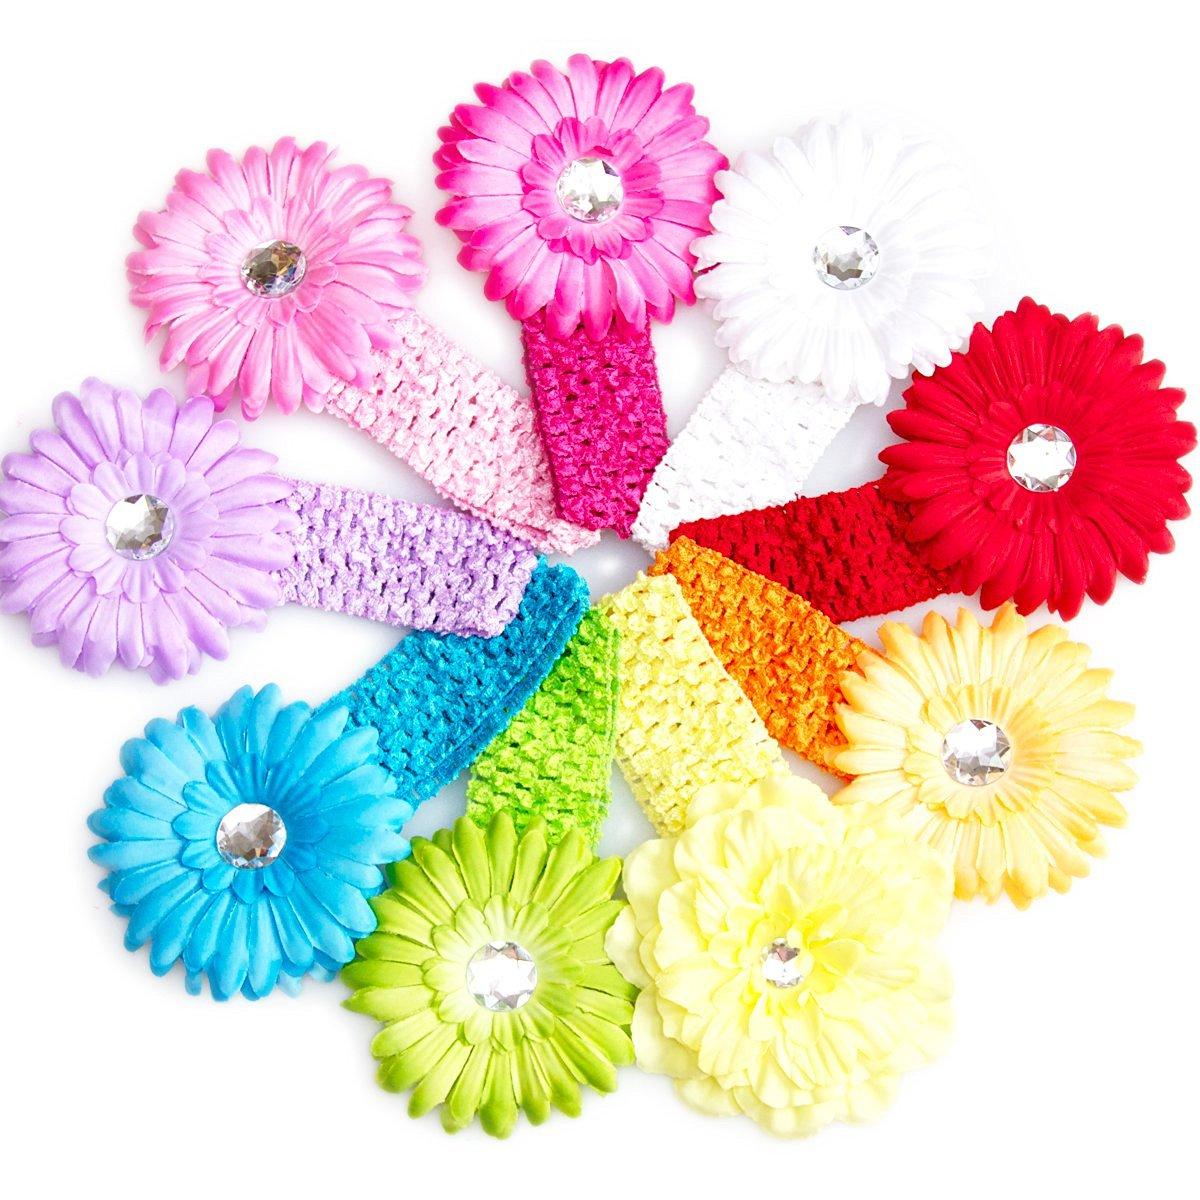 Cheap Flower Headbands For Newborns Find Flower Headbands For